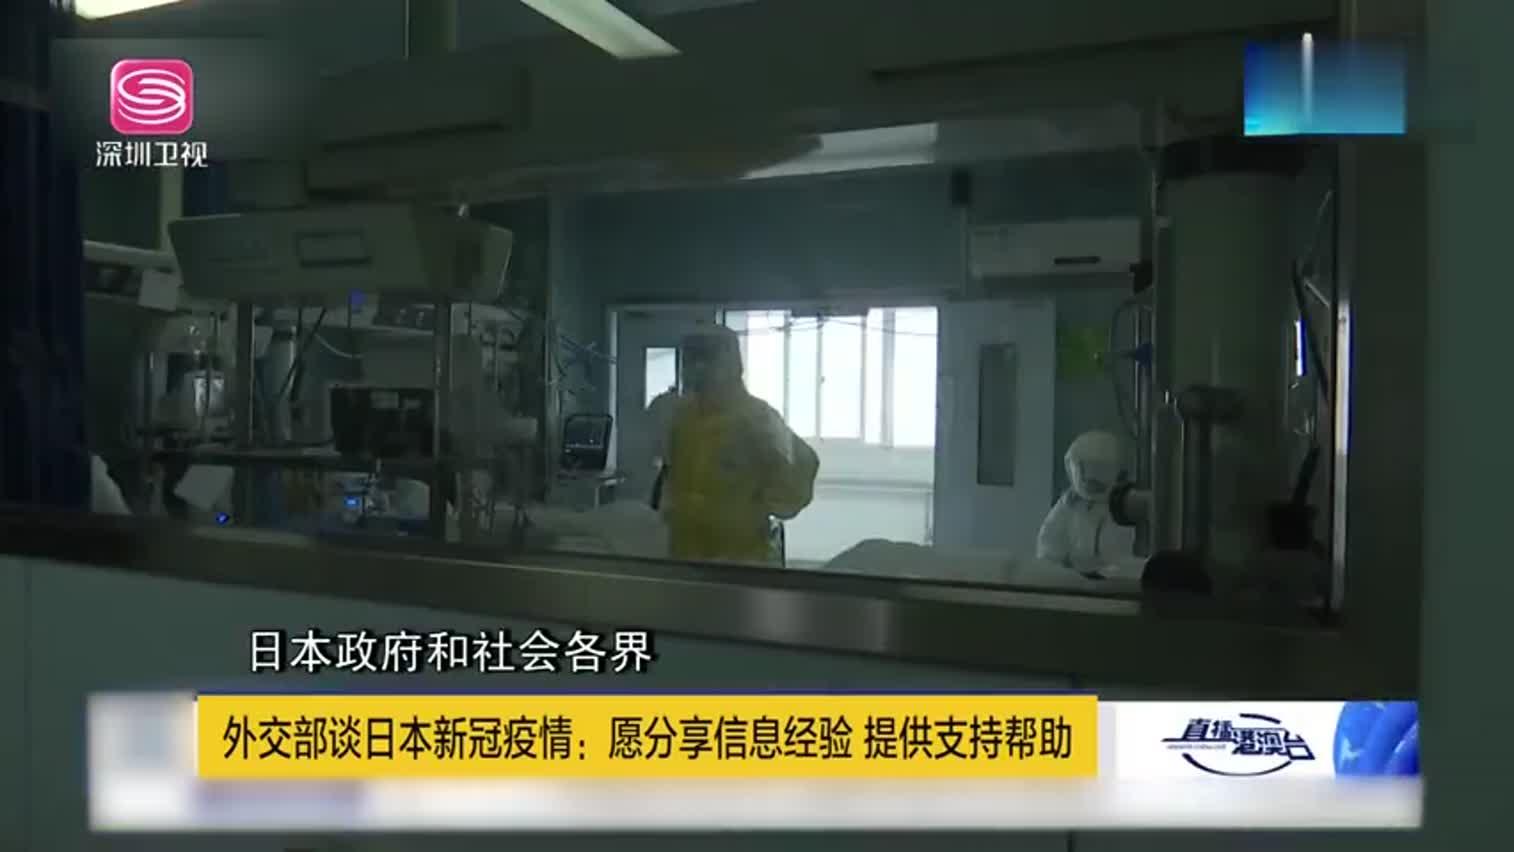 中国外交部:对日本疫情感同身受 愿尽力相助